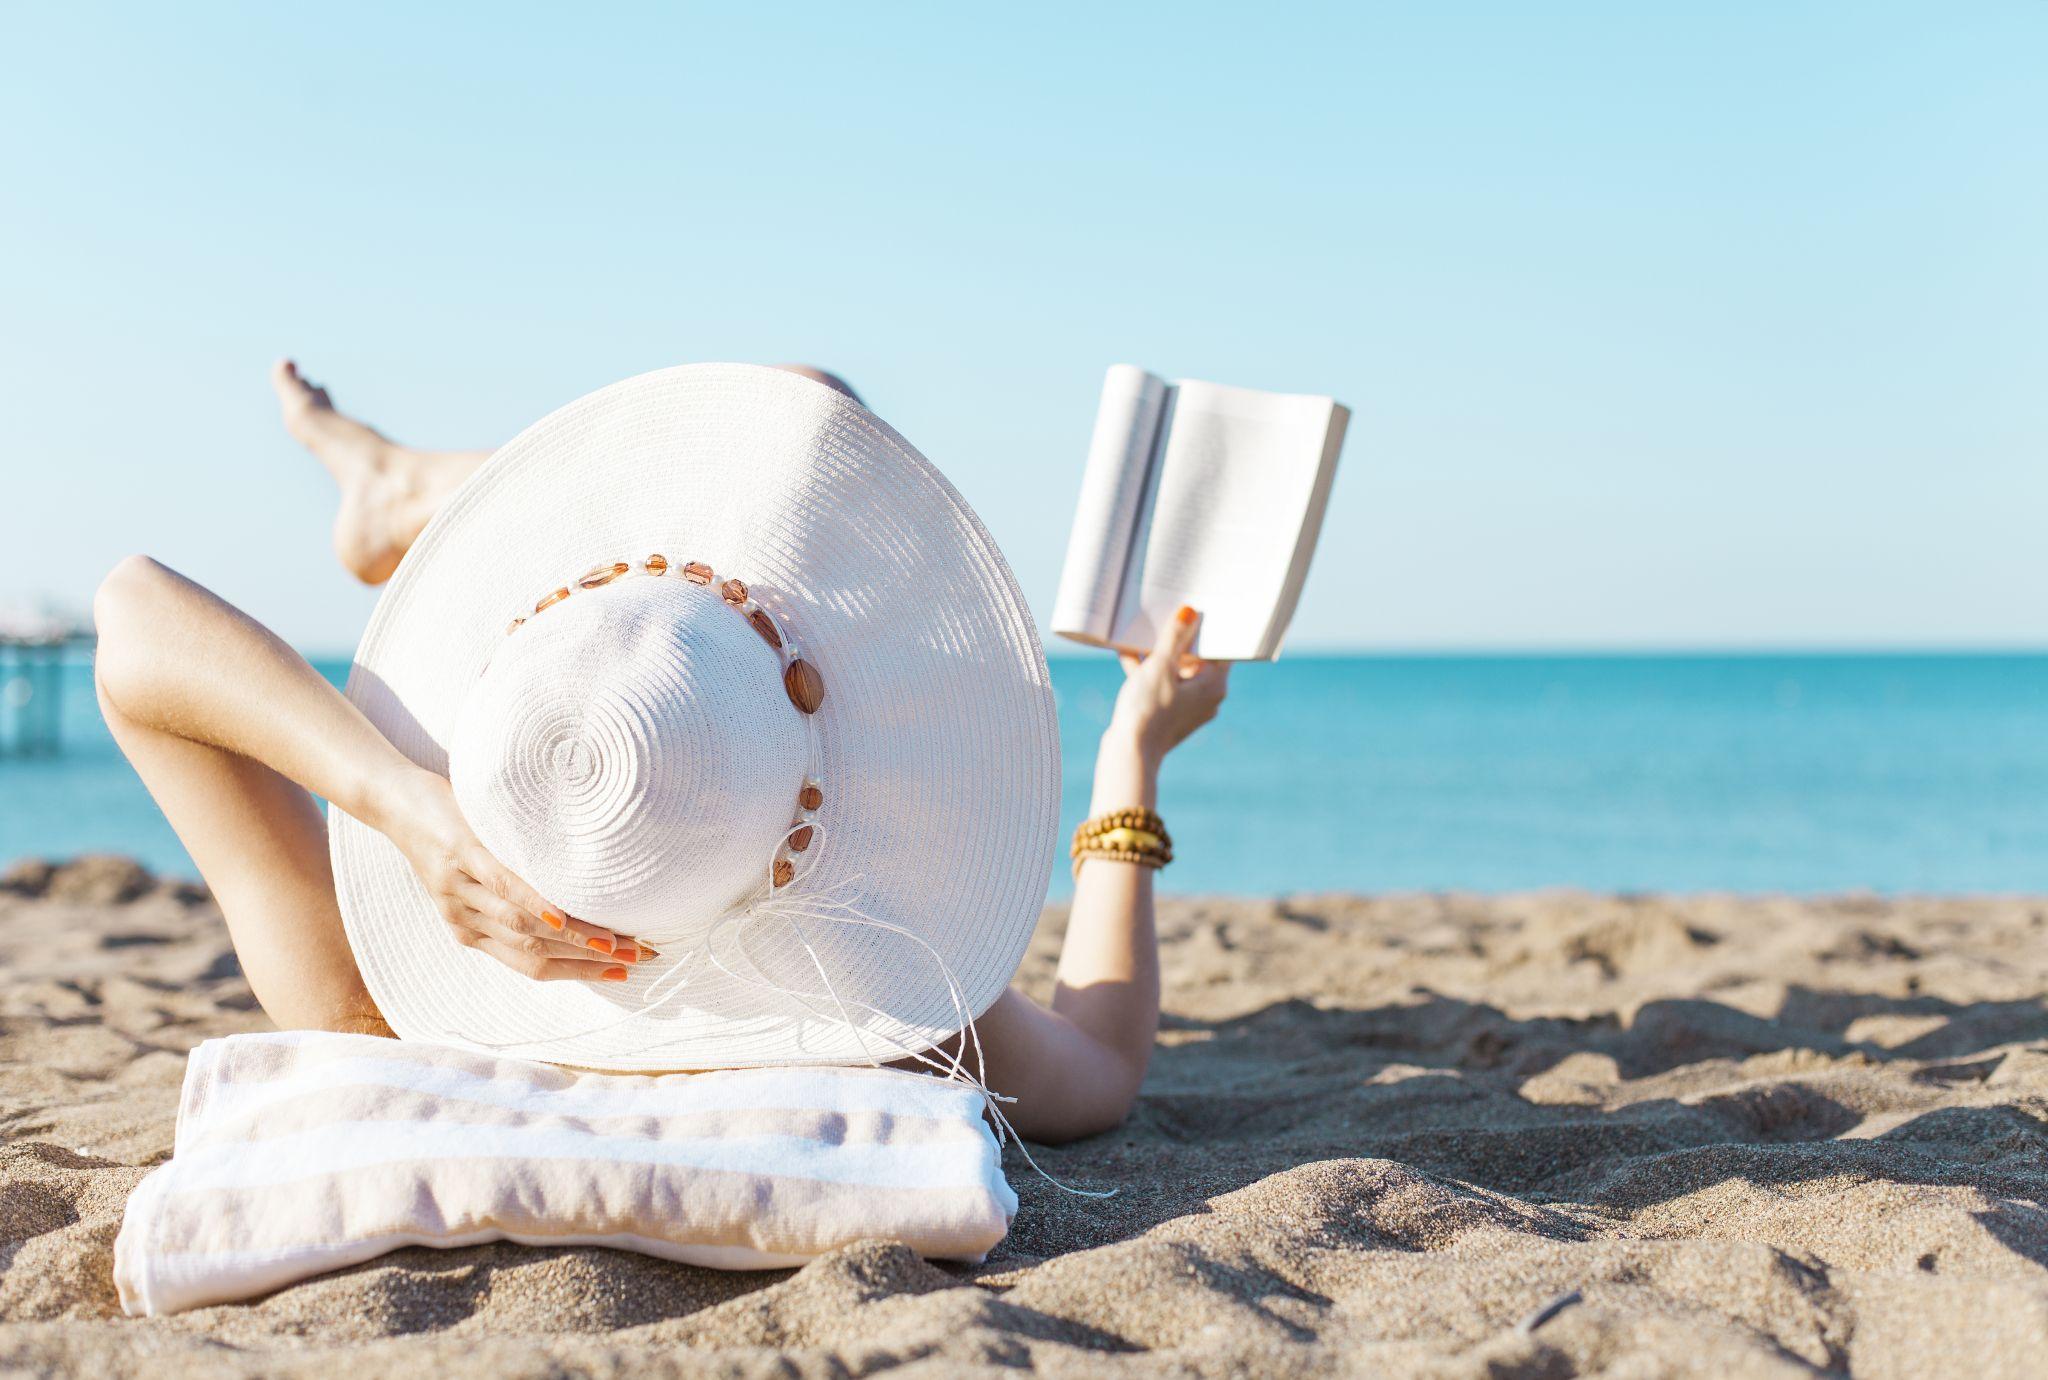 Minna reisile või mitte? Uus teabeleht aitab reisihuvilisel teha teadlikku valikut